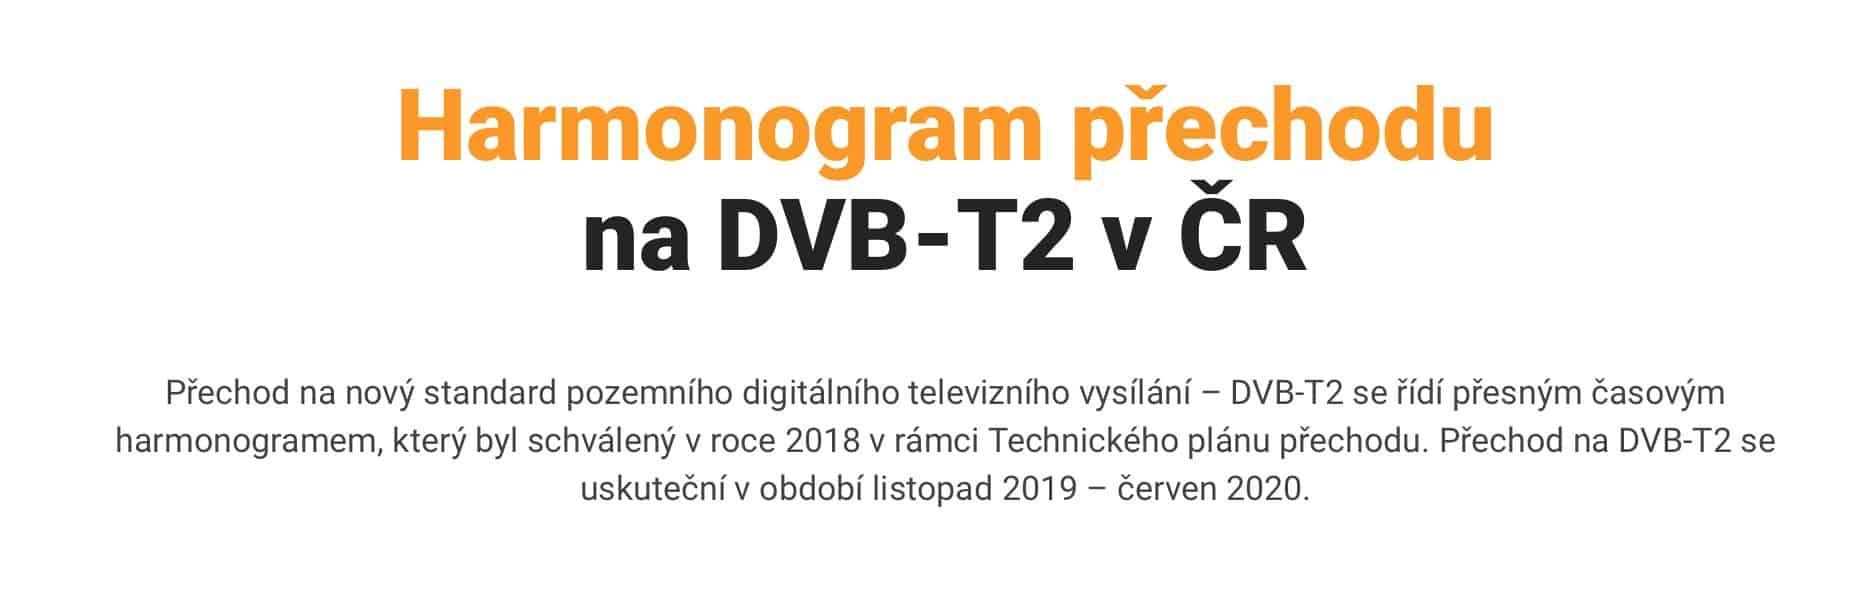 Jak přeladit televizi na DVB-T2? Vše, co potřebujete vědět